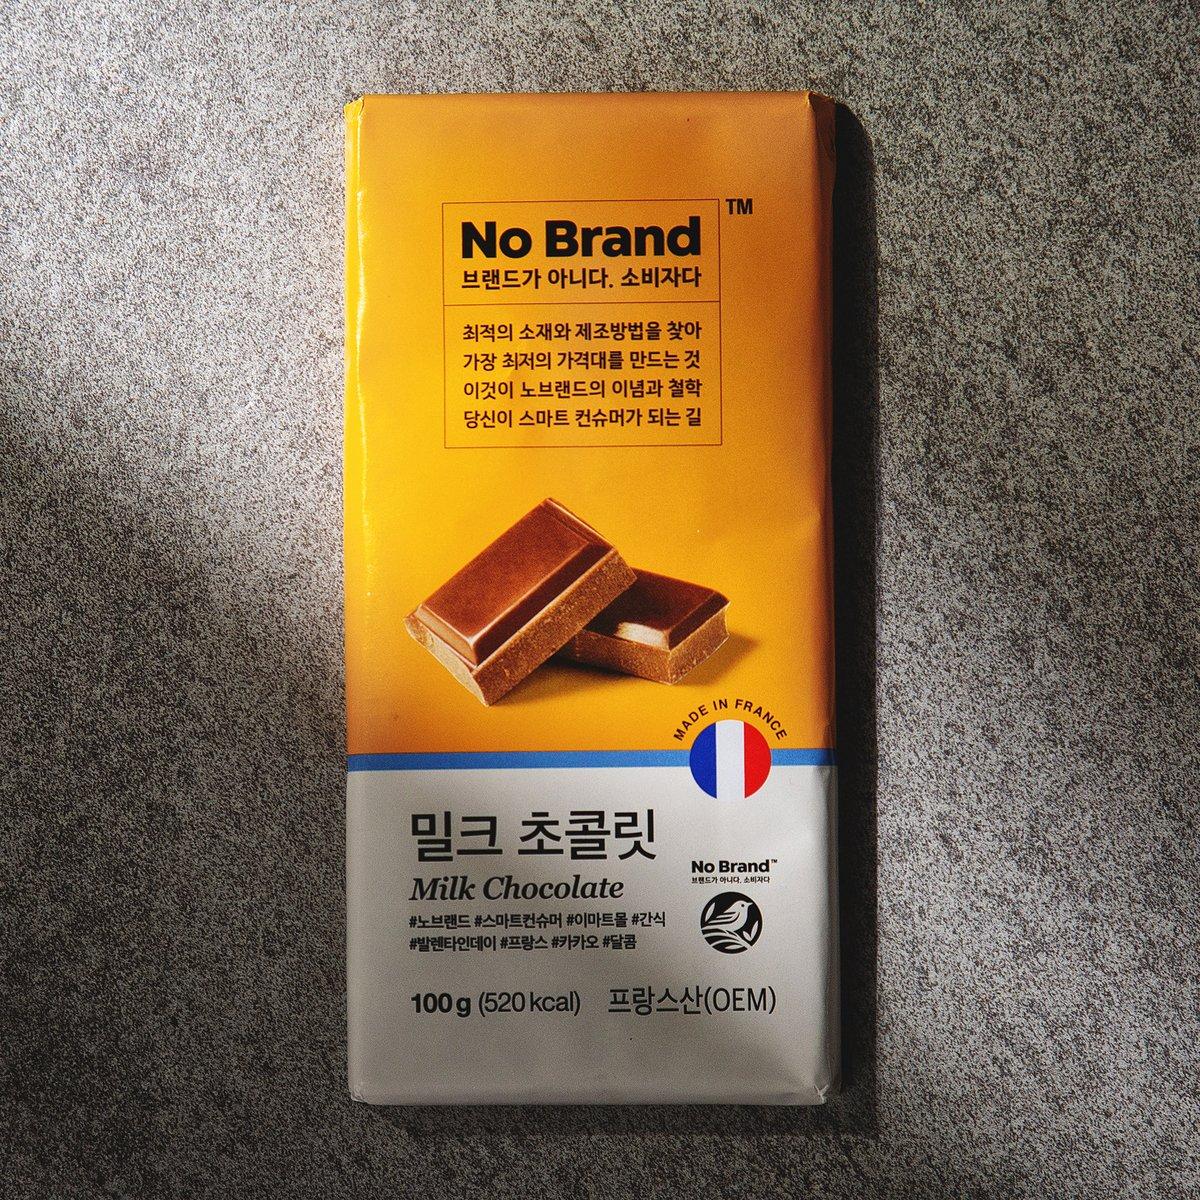 노브랜드 밀크 초콜릿 100g